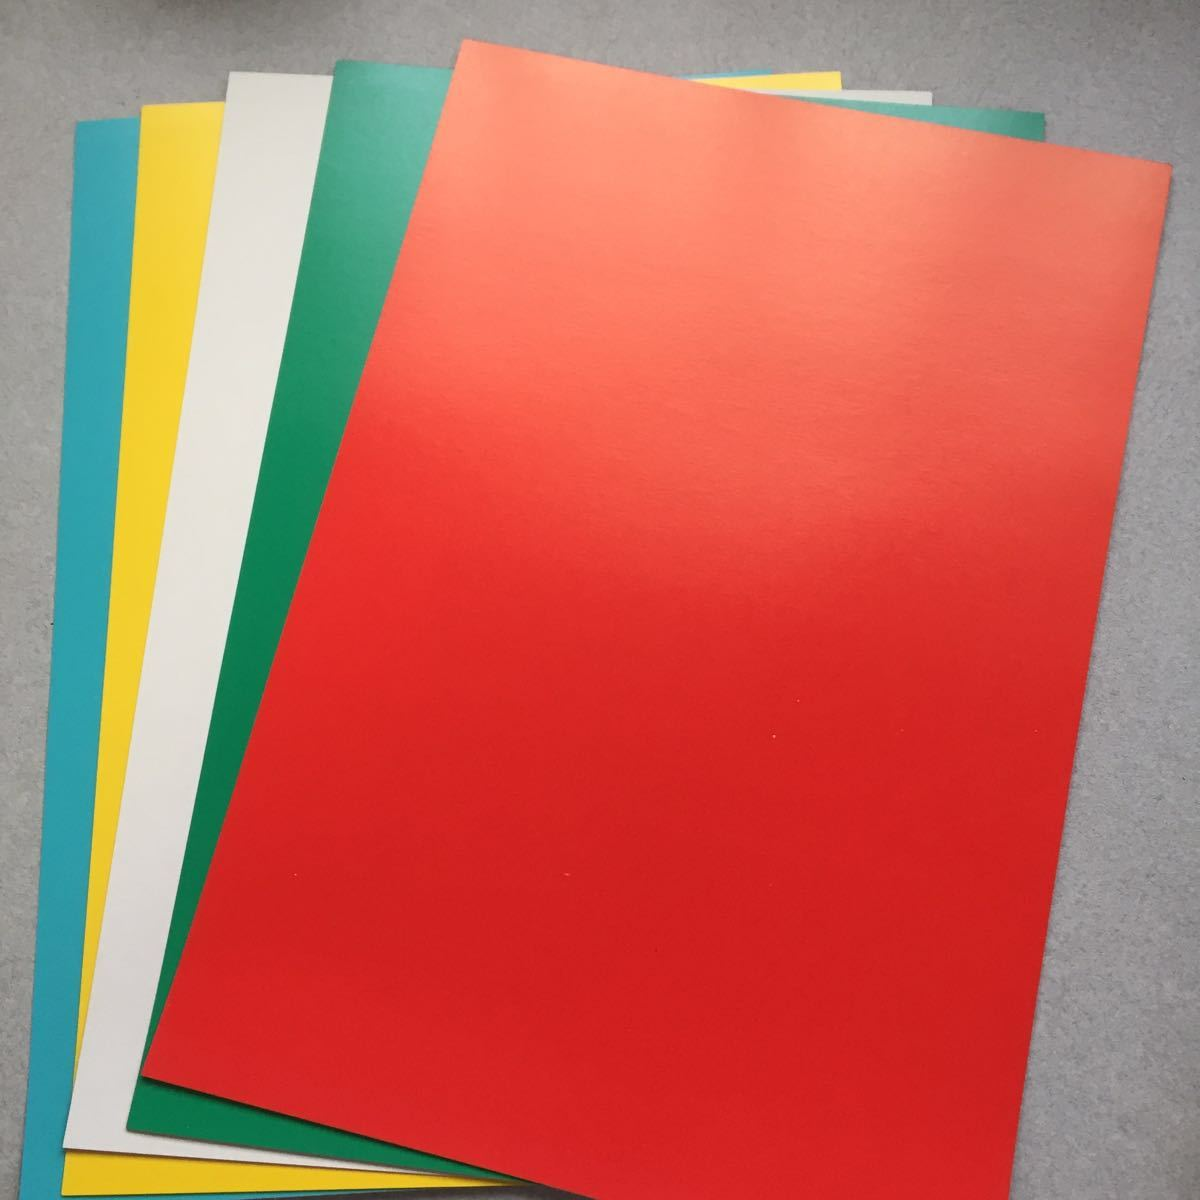 色方眼厚紙新品未使用_画像1